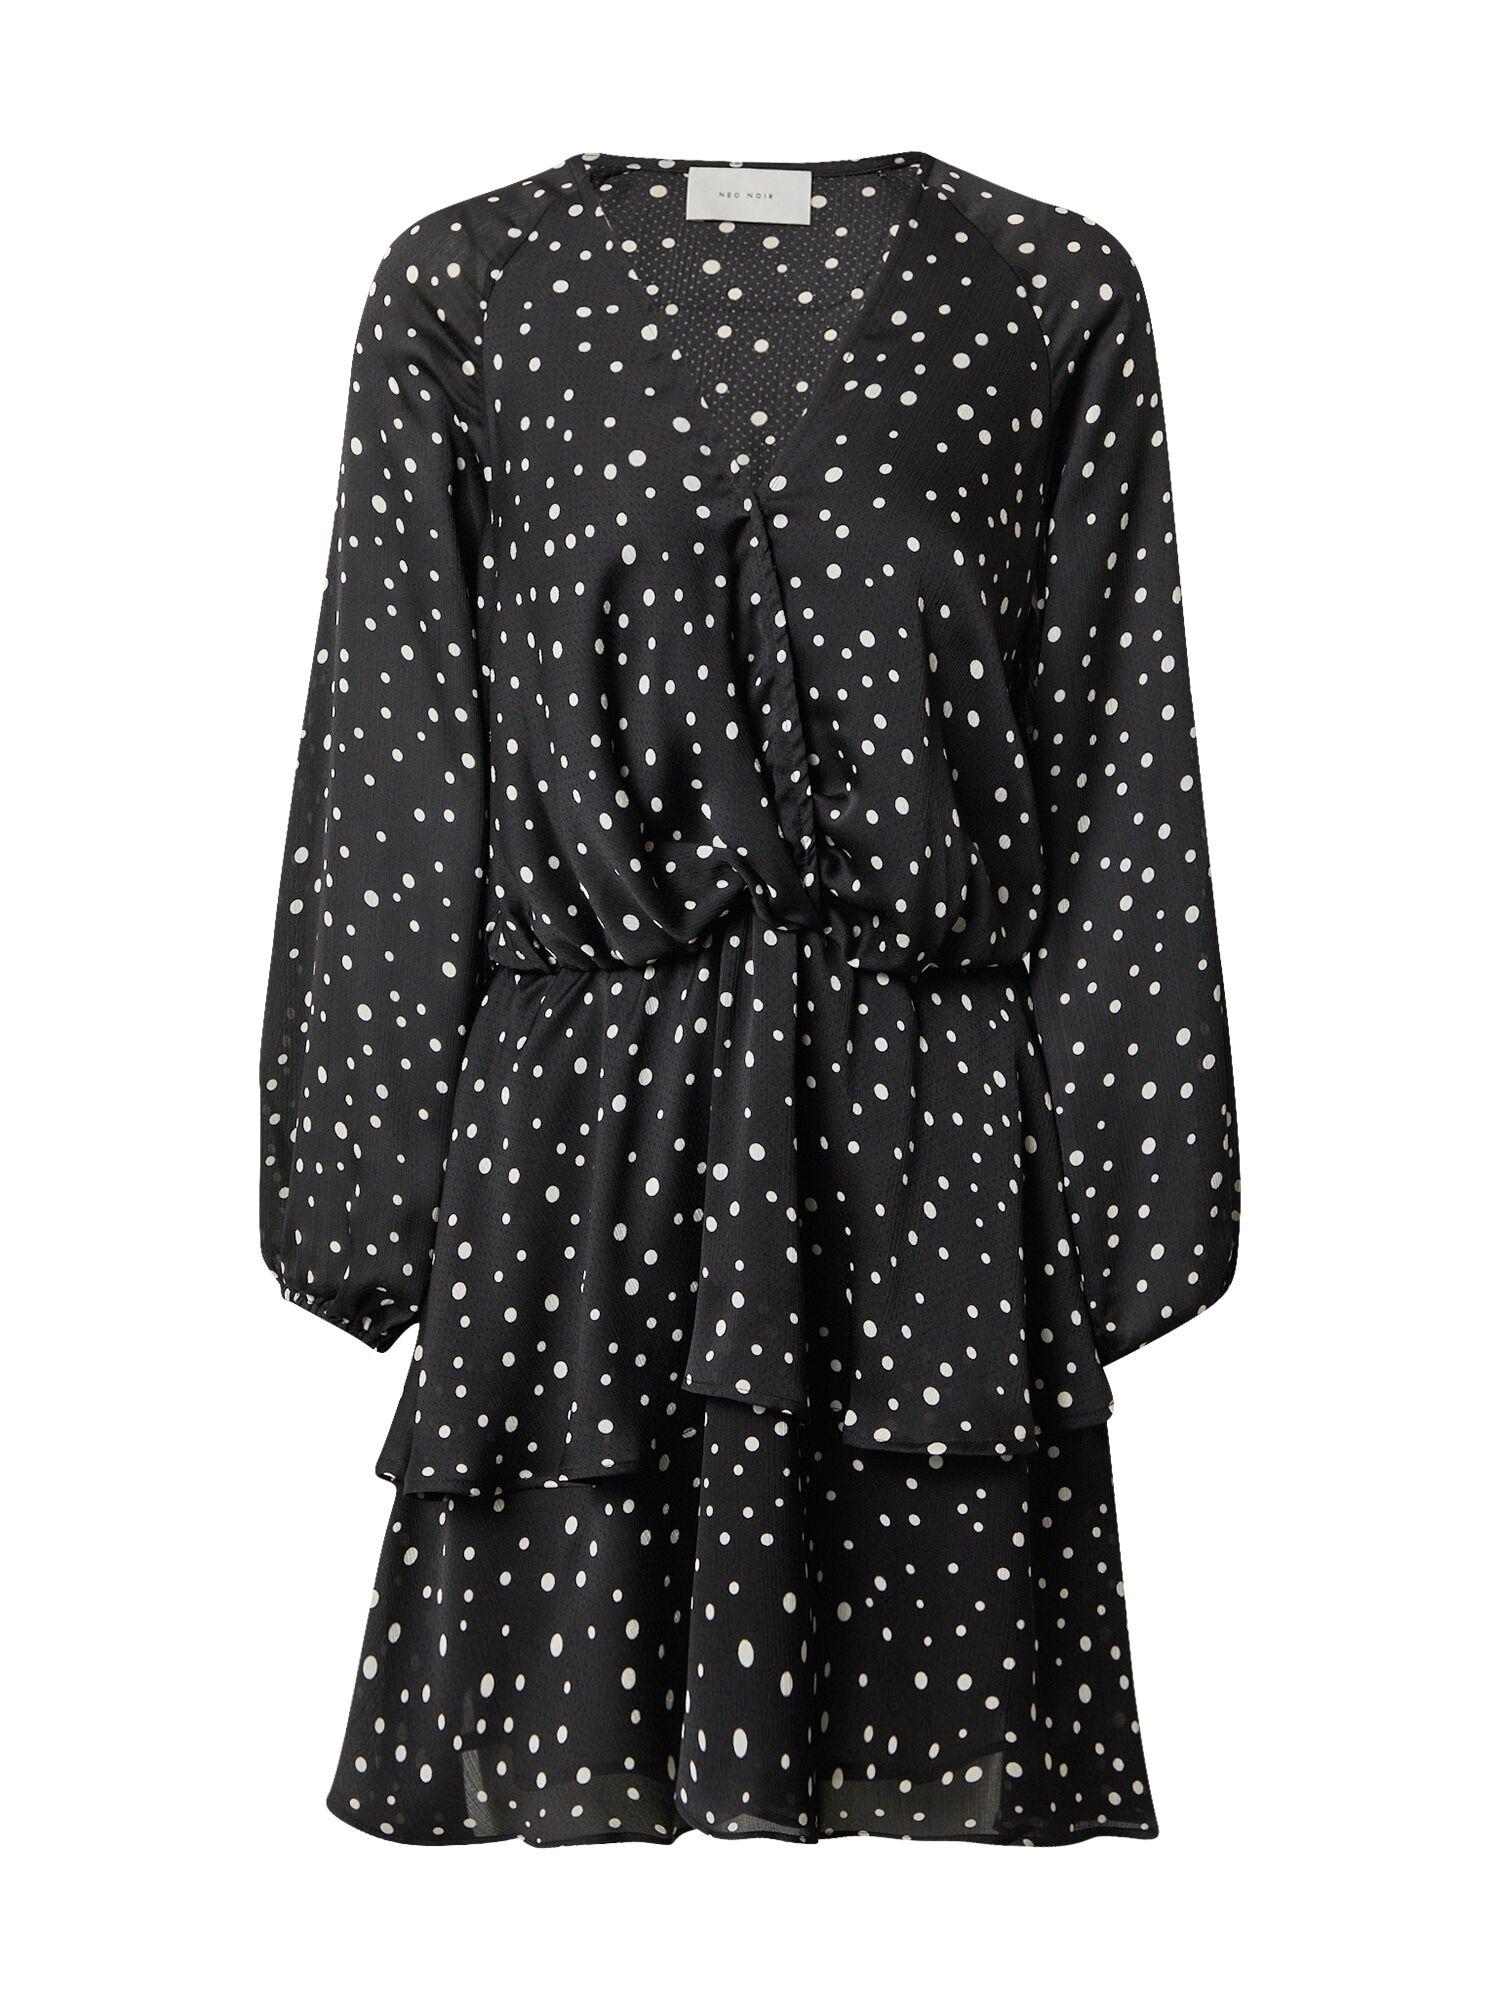 Neo Noir Robe 'Aurora'  - Noir - Taille: XS - female